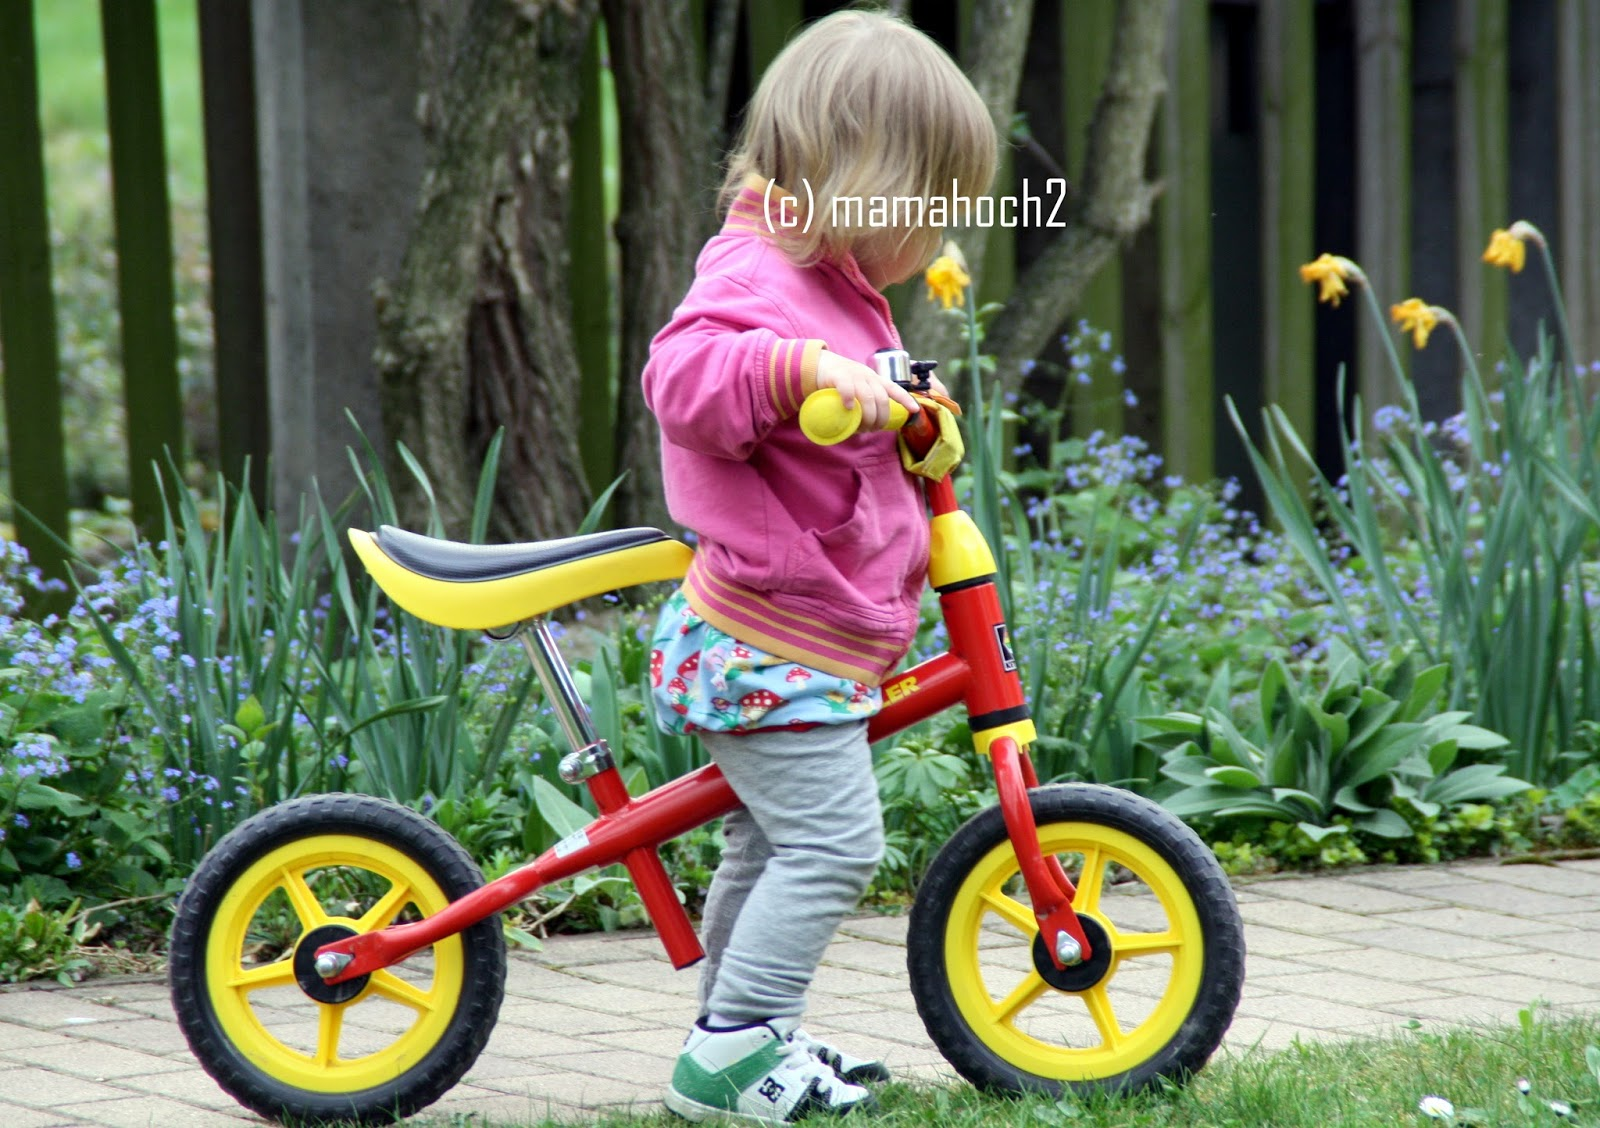 Motte und ihr Laufrad